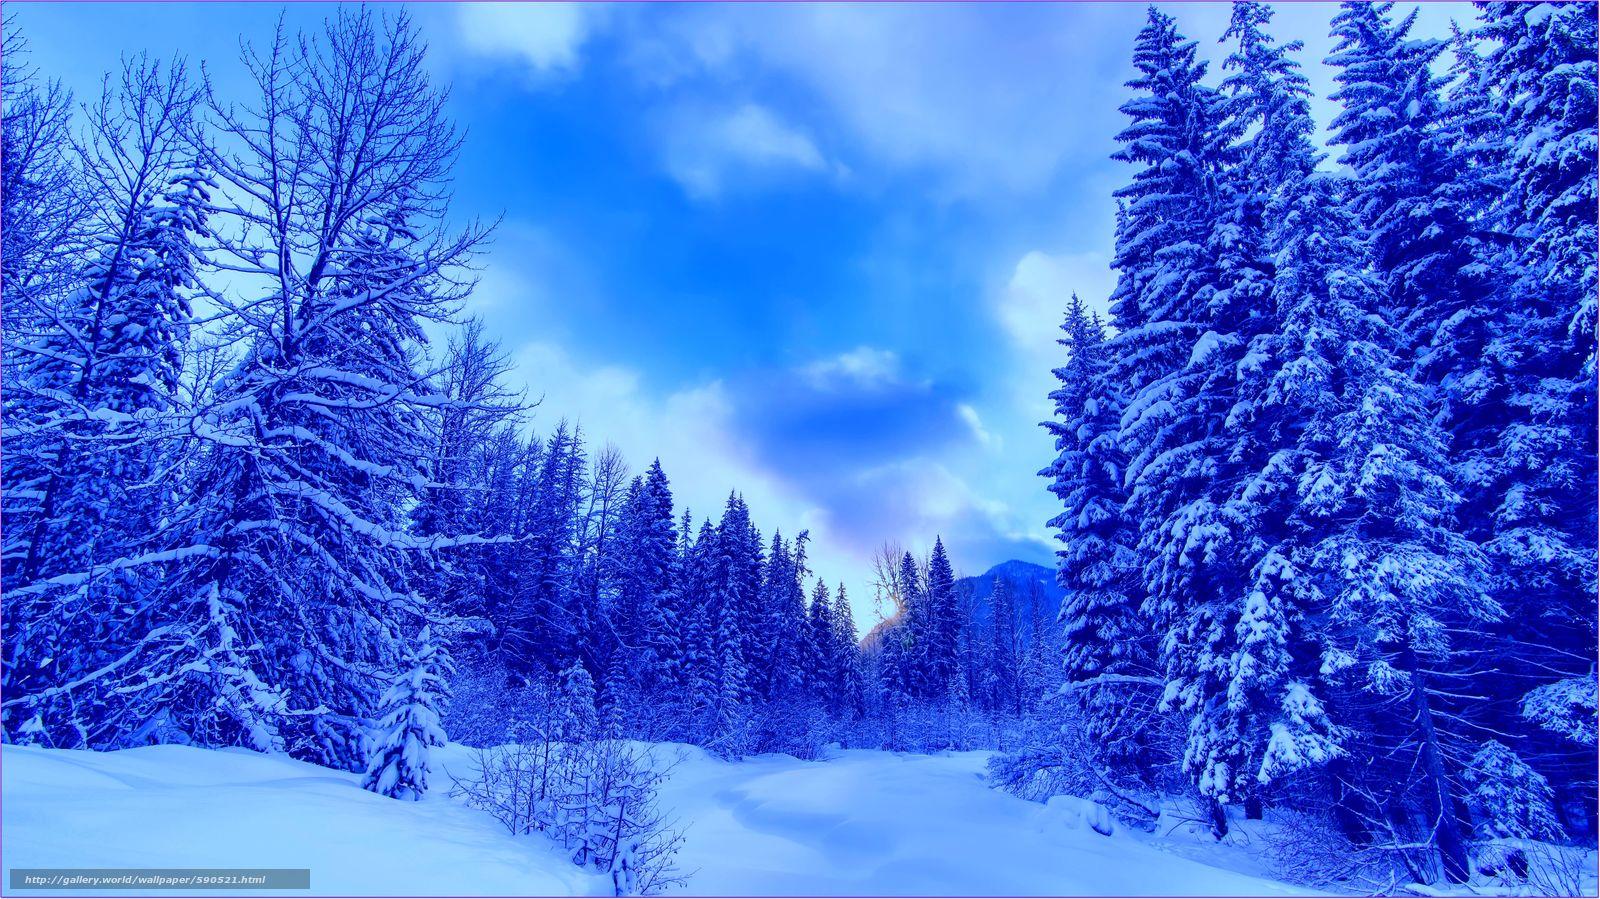 Scaricare gli sfondi inverno montagne alberi paesaggio for Desktop gratis inverno